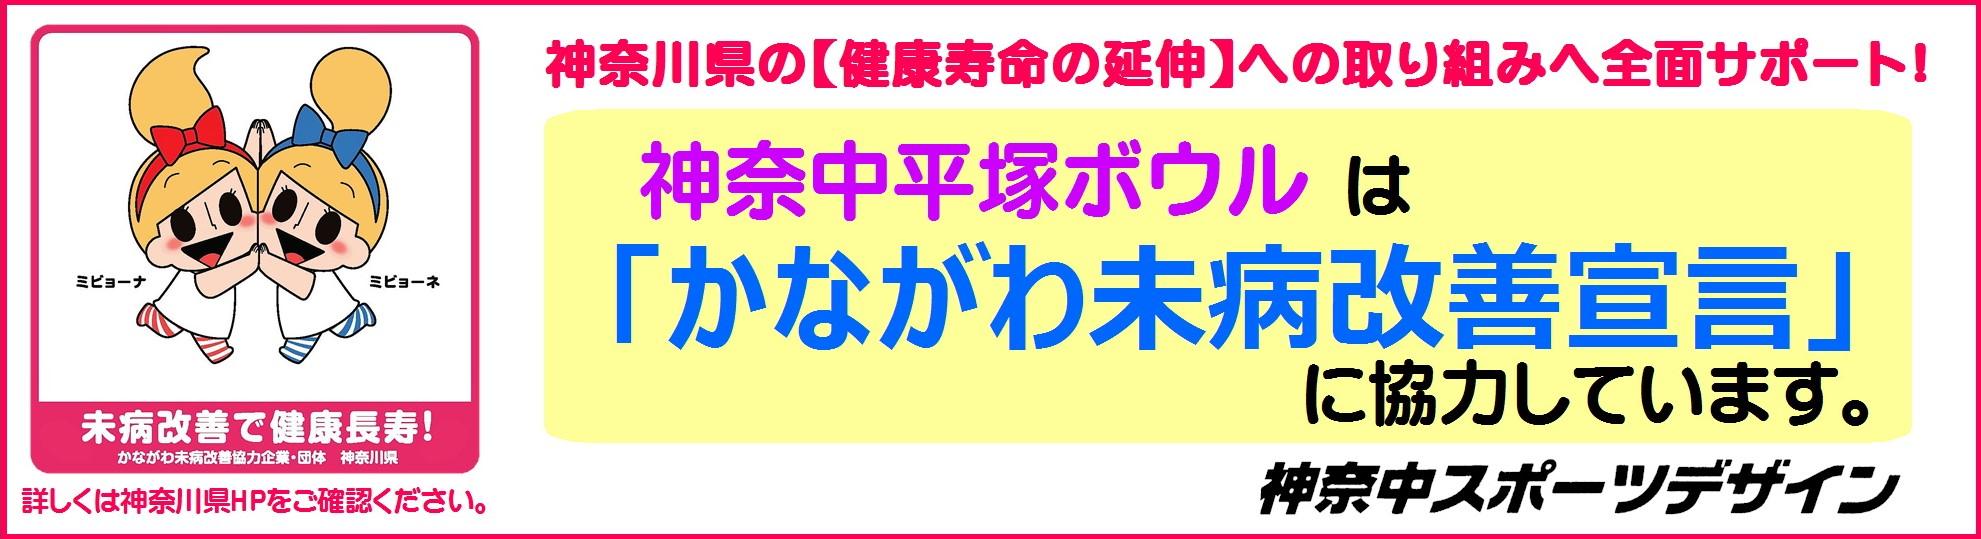 神奈中平塚ボウルは「かながわ未病改善宣言」に協力しています。